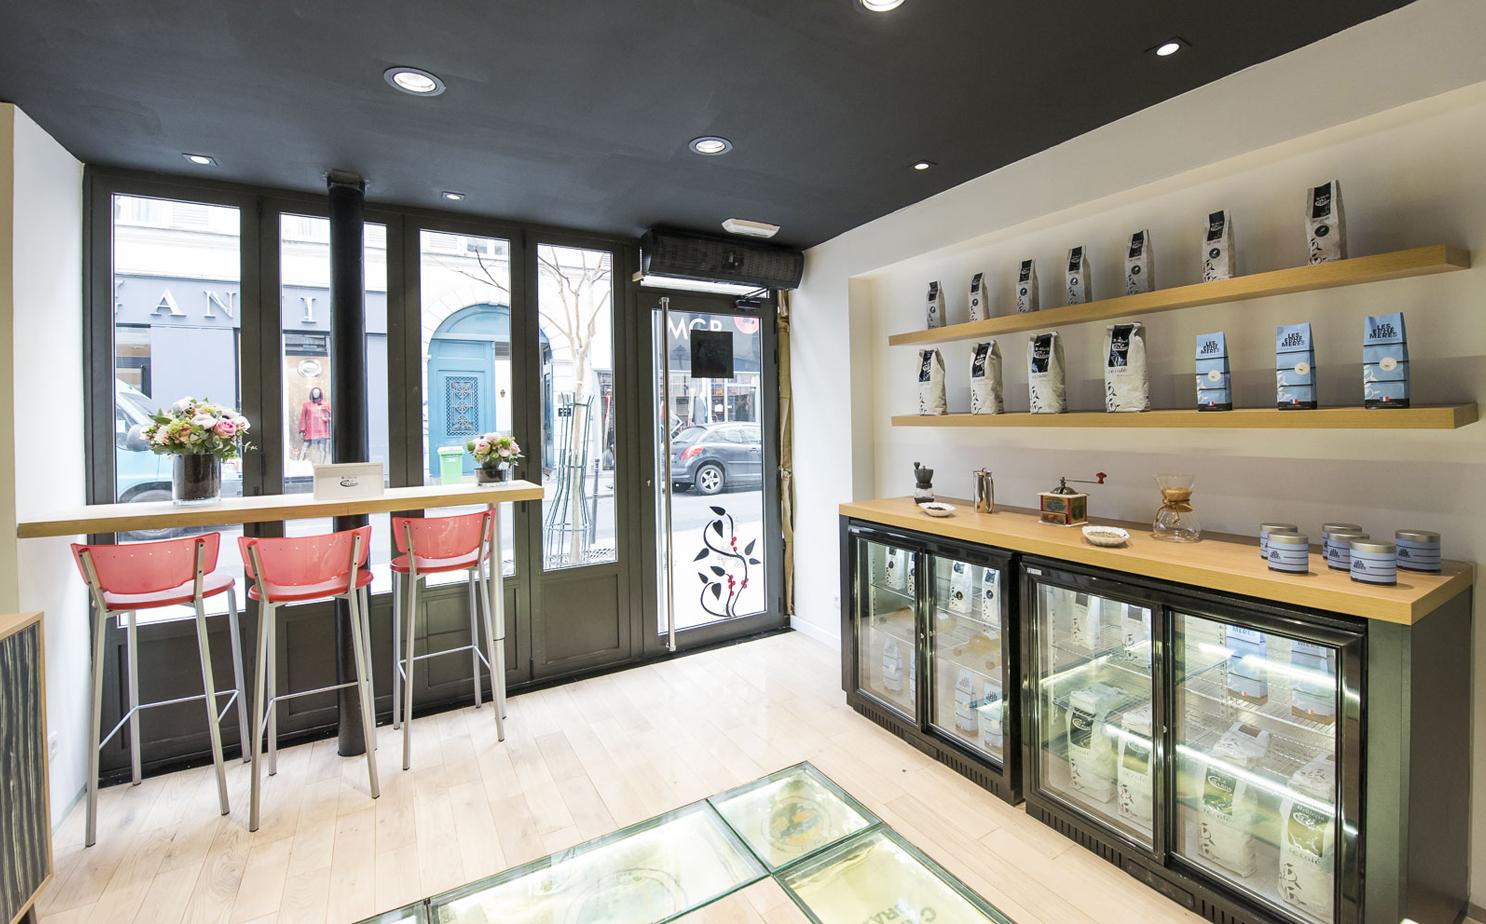 bgv cafeteria paris